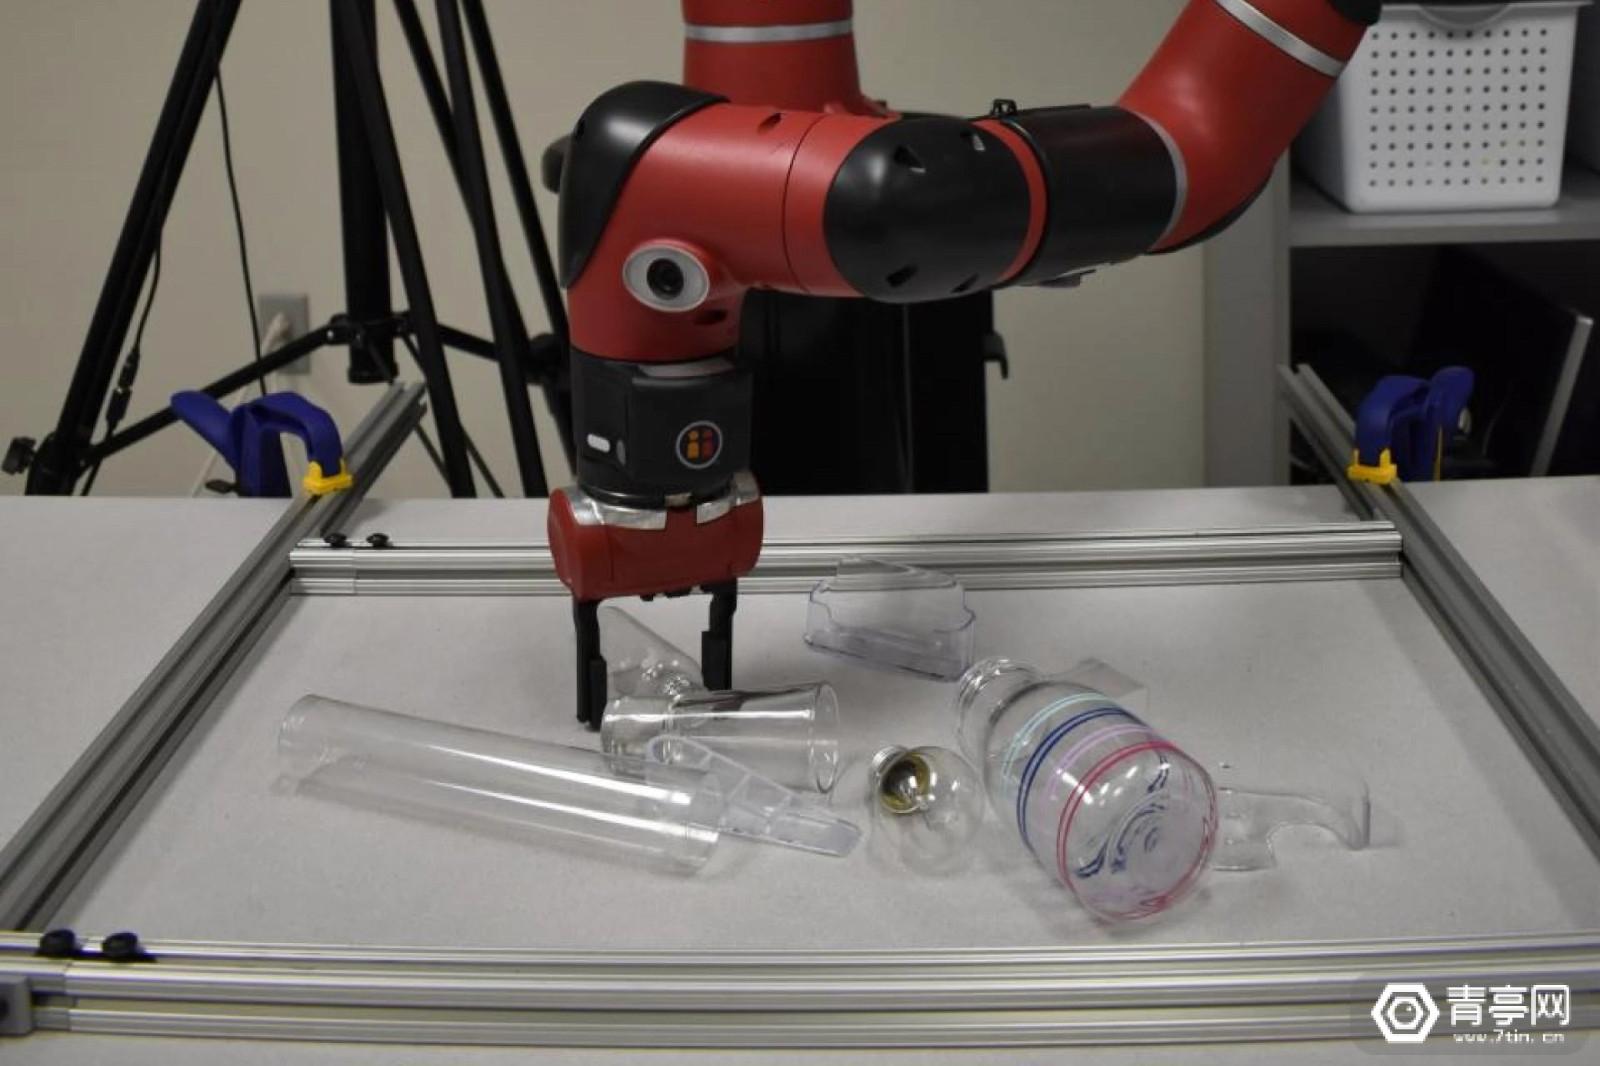 卡耐基梅隆研究员用AI帮机器人更好抓取透明、发光物体